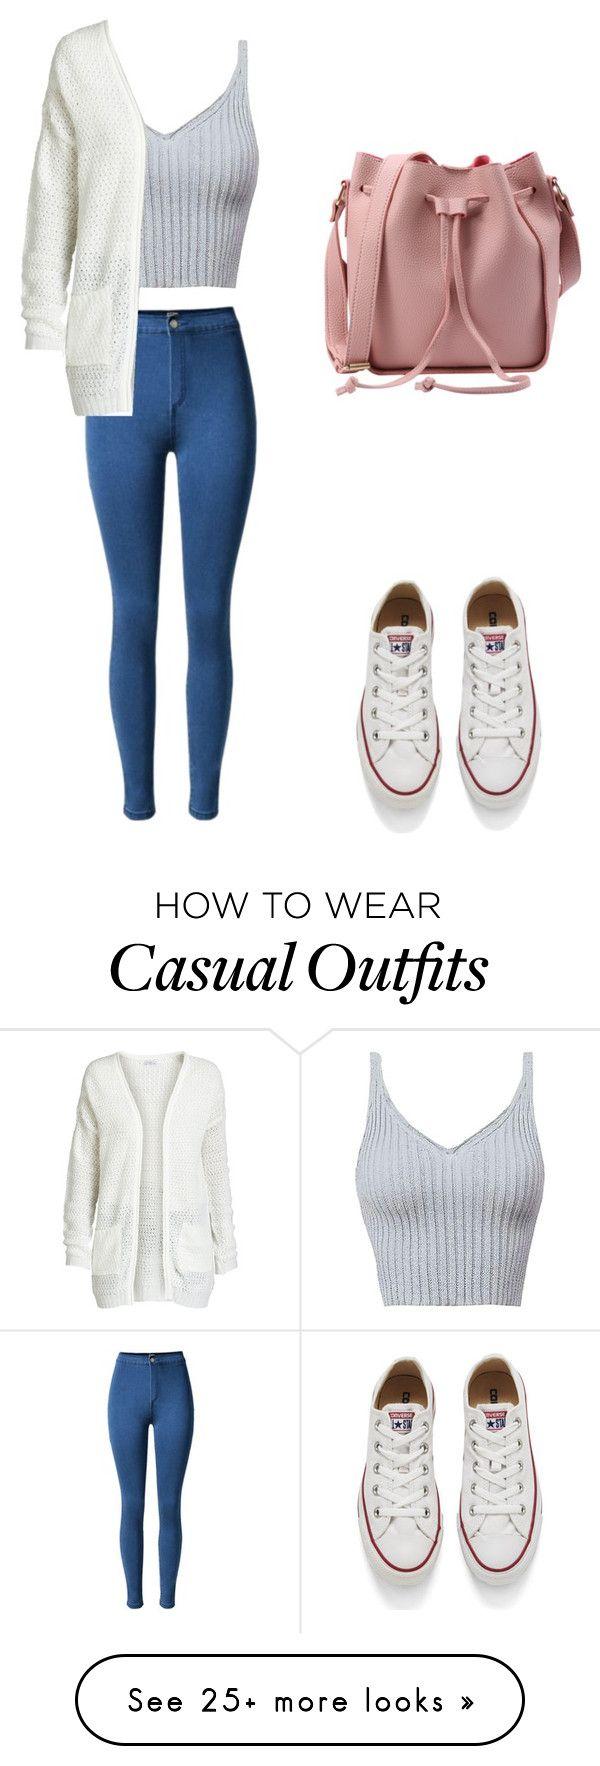 converse, pantalón alto azul, blusa gris, sueter blanco.